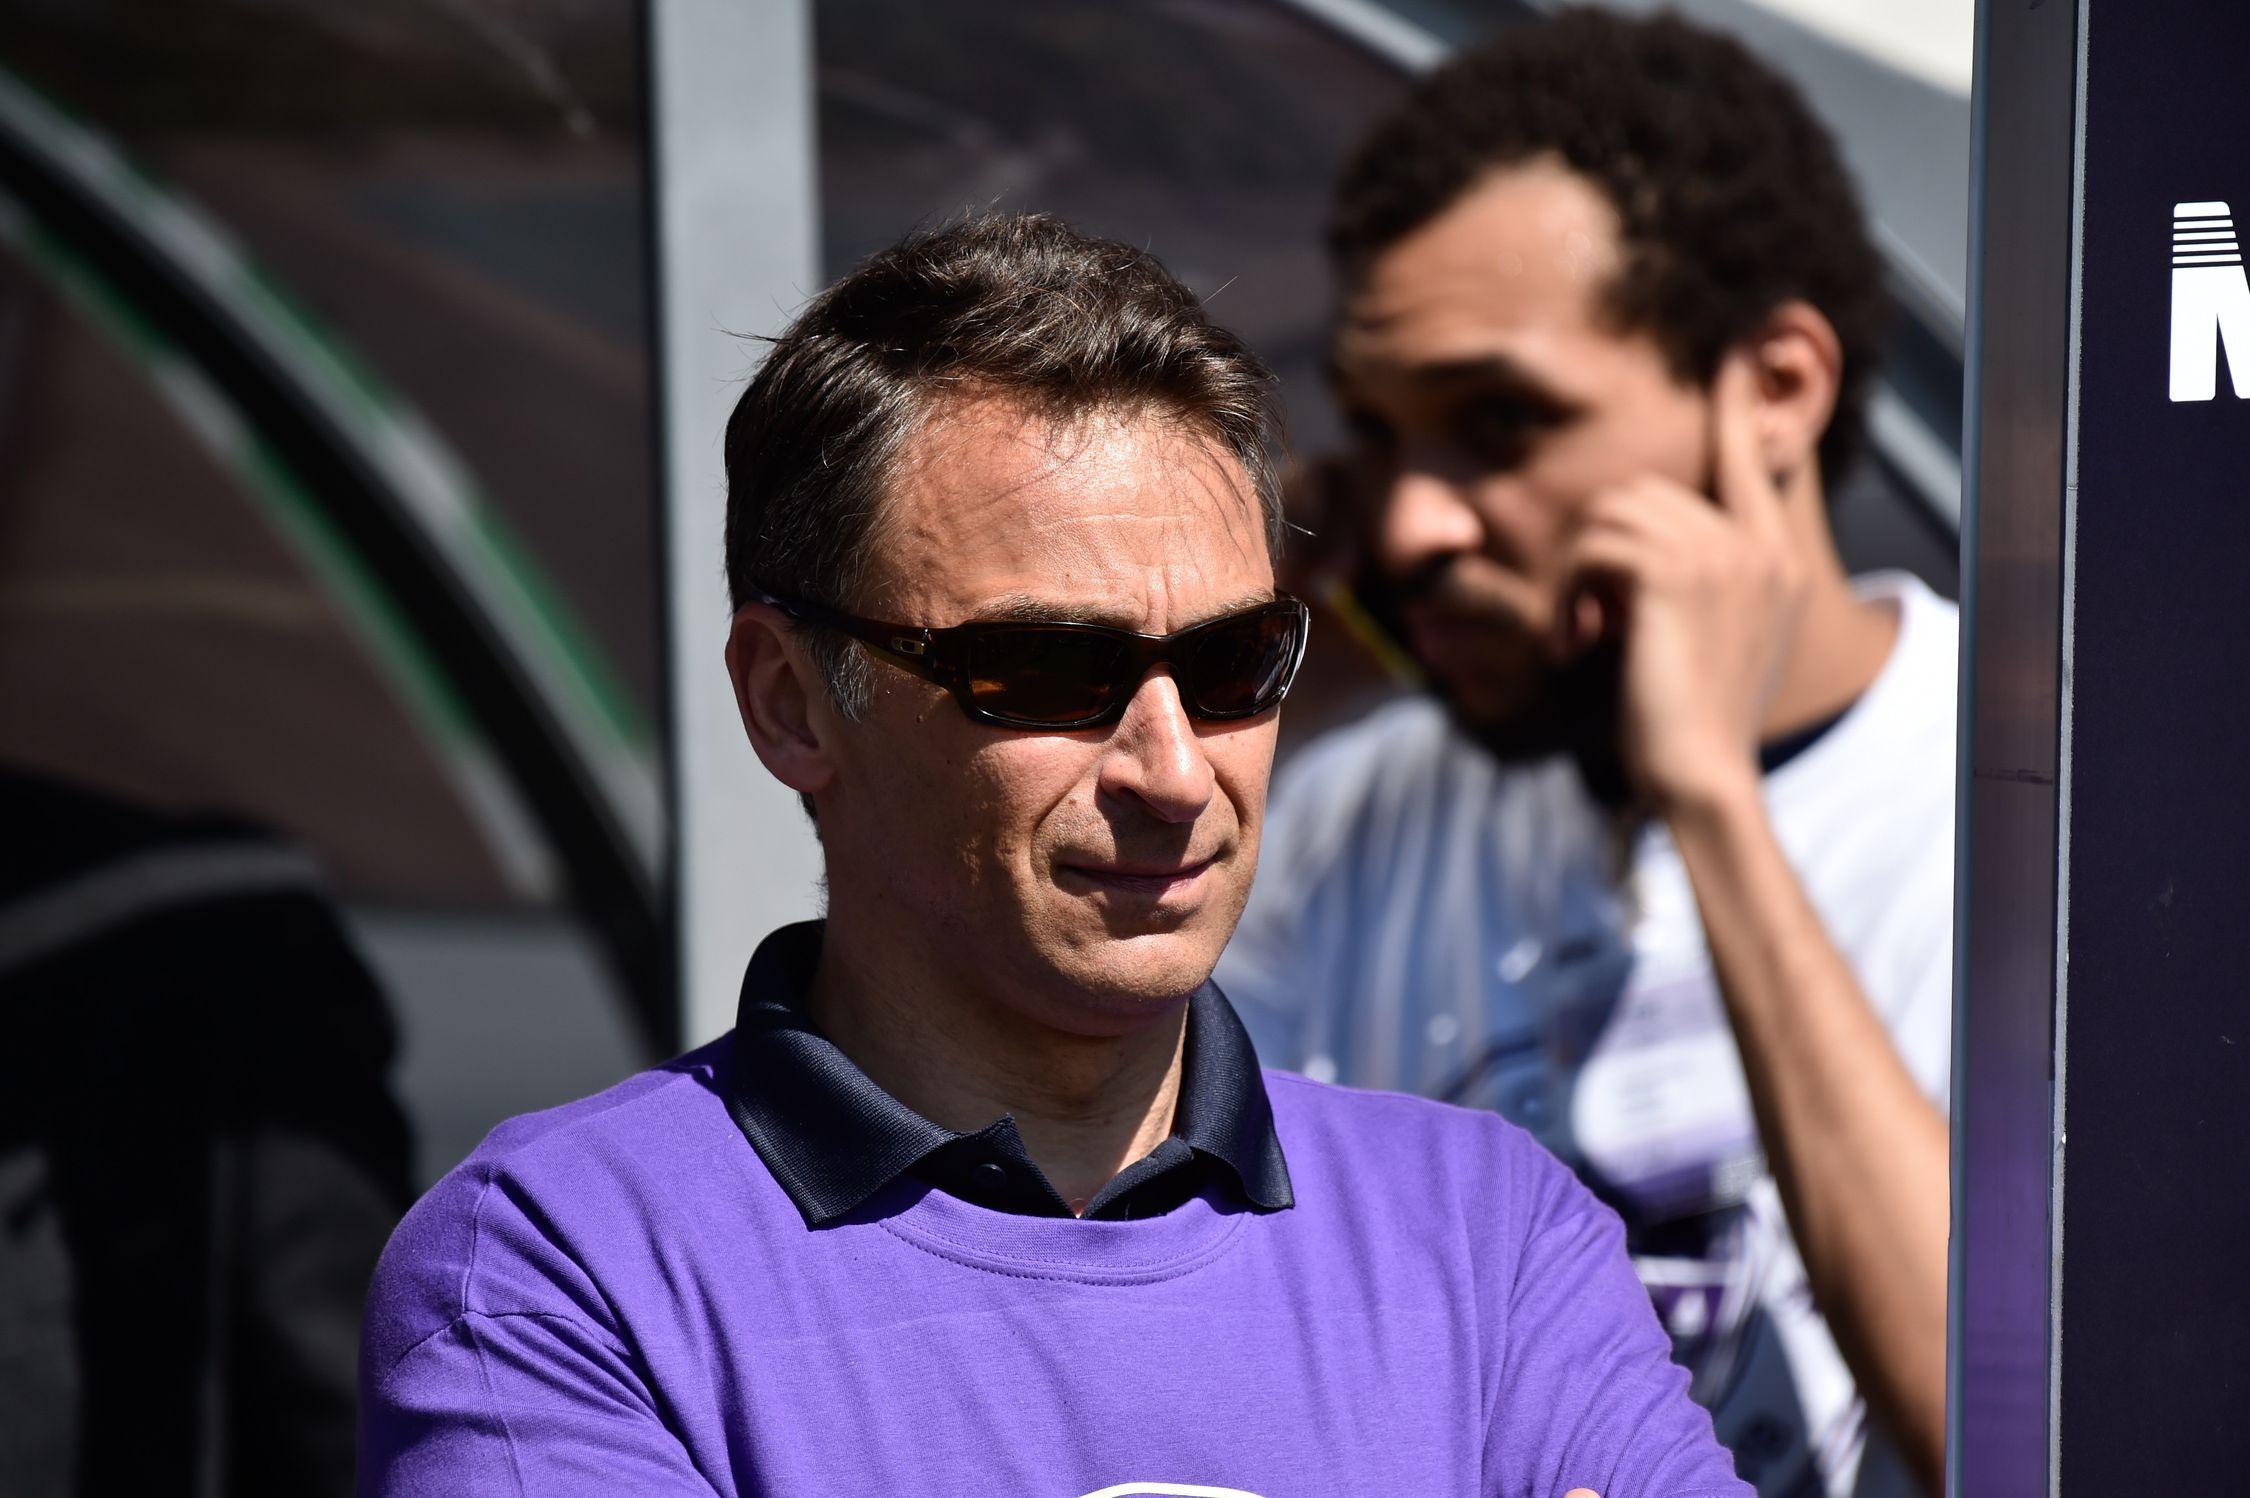 Football - Ligue 1 - Toulouse aurait saisi à son tour le Conseil d'Etat pour contester sa relégation en L2